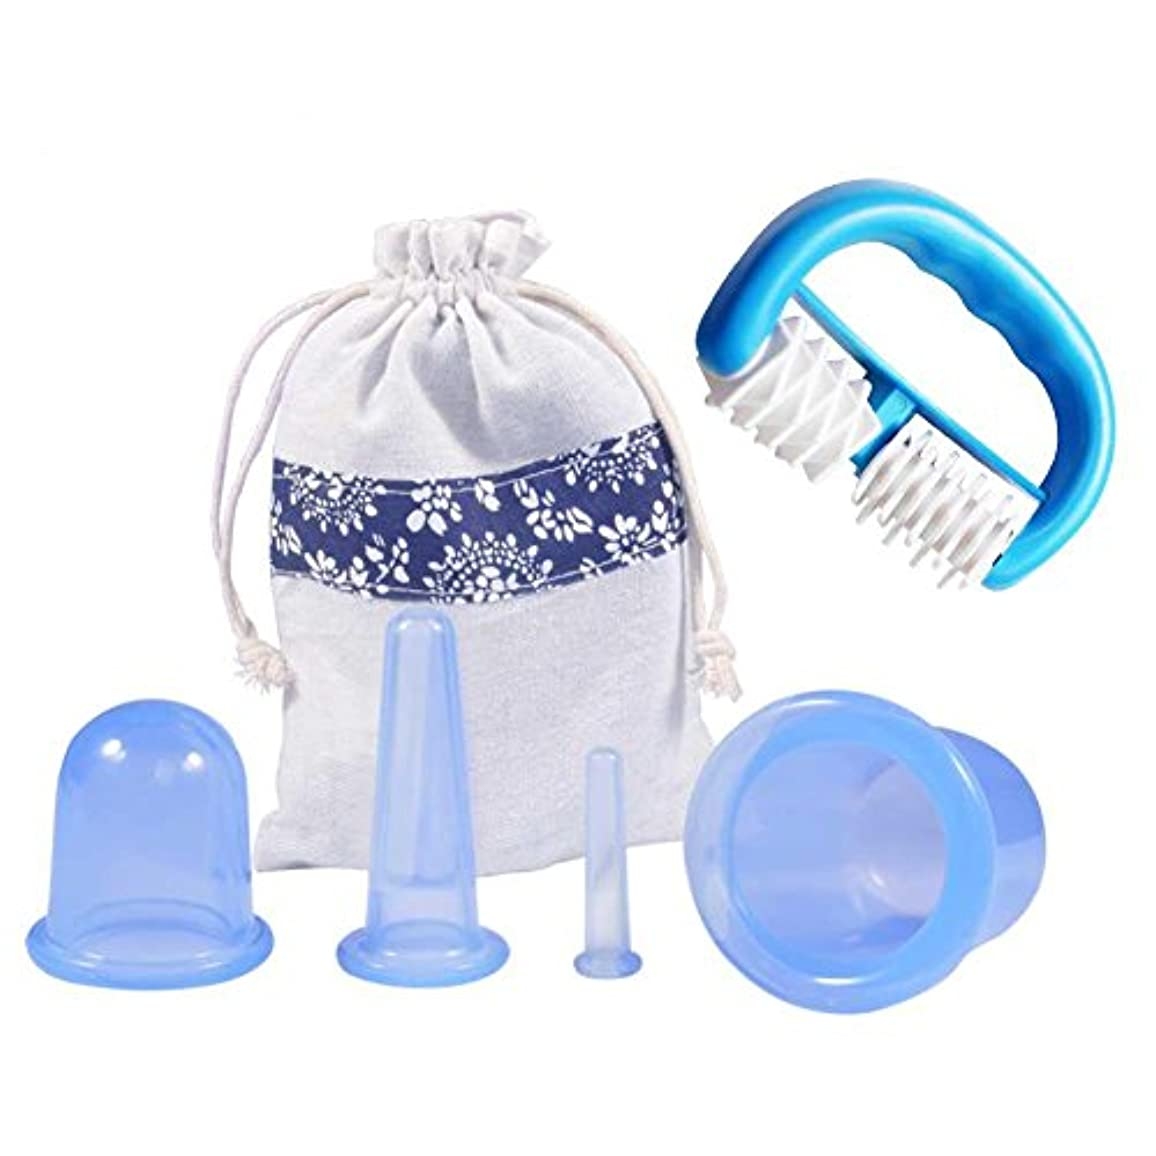 Ejoyousカッピングセラピーセット、関節と筋肉痛救済、痛み緩和のためのシリコンアンチセルライトフェイシャルとボディマッサージカッピングカップ